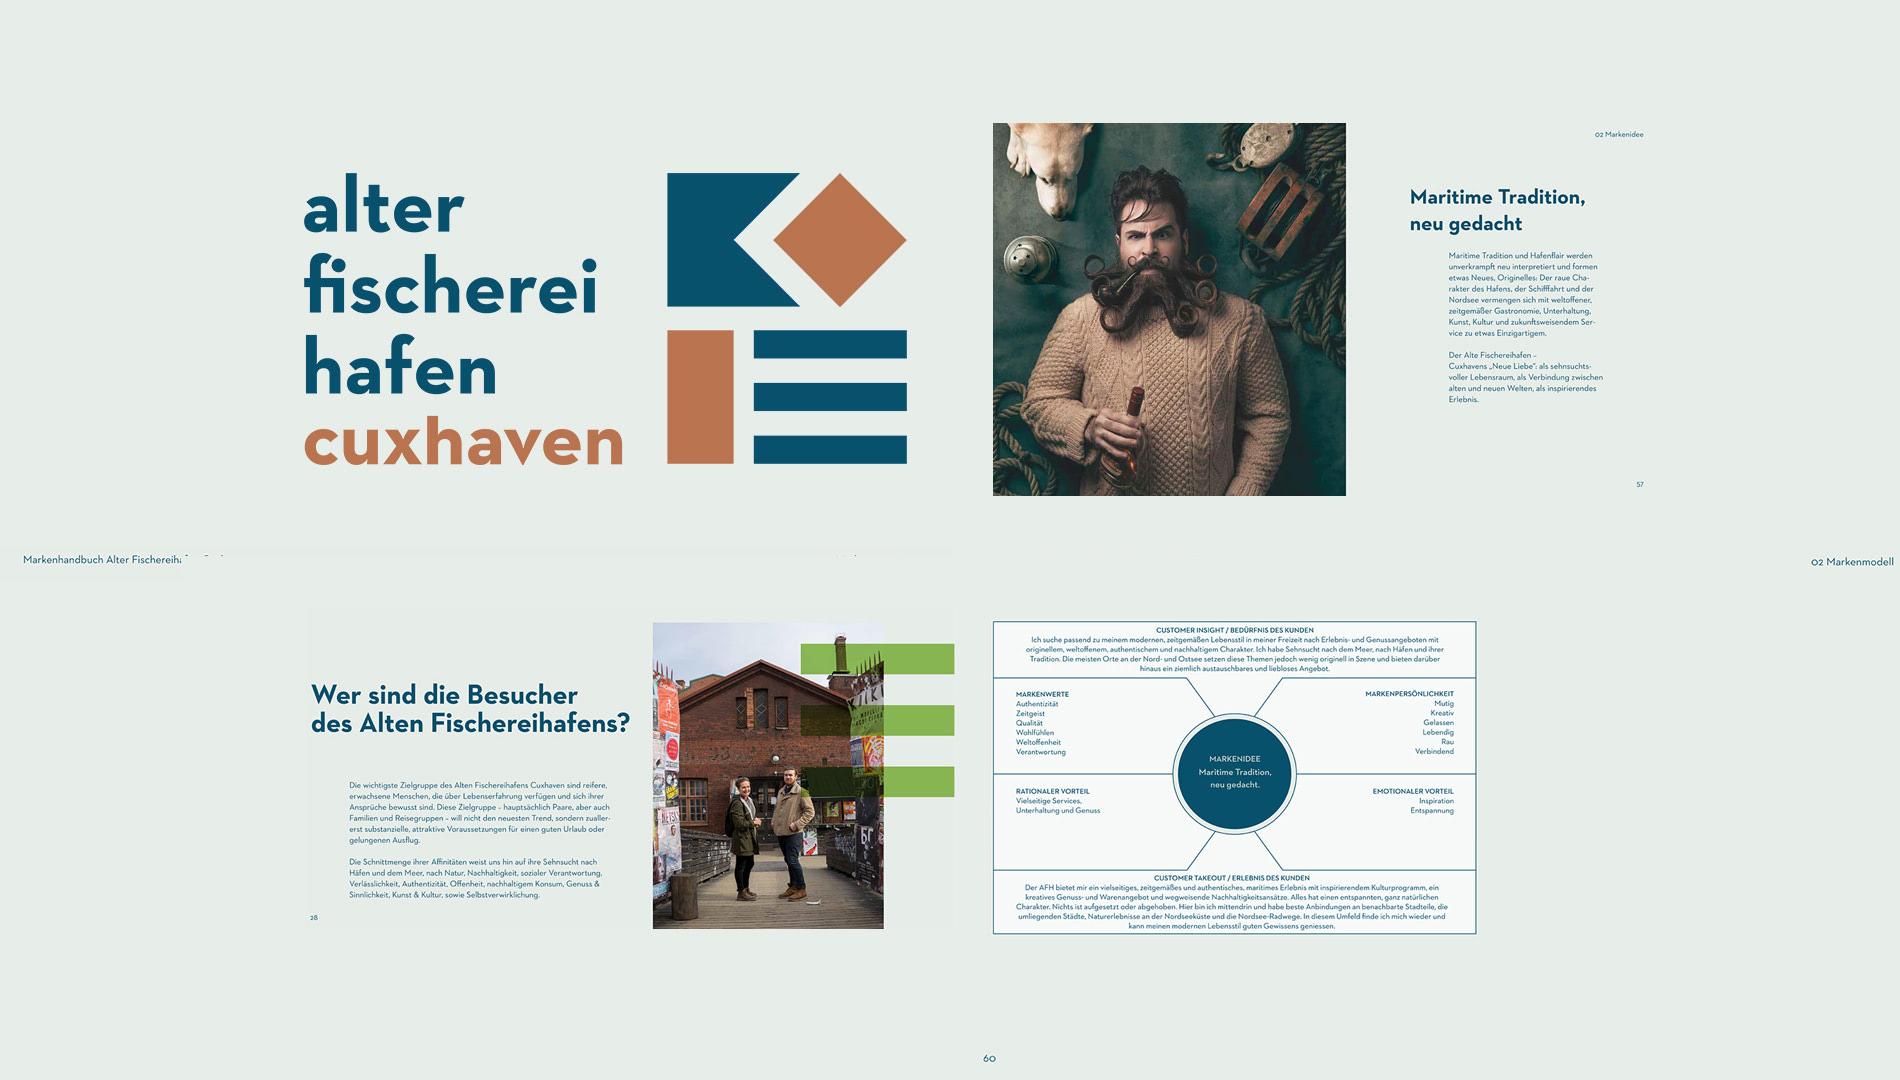 Markenentwicklung Corporate Design Alter Fischereihafen Cuxhaven Markenhandbuch Markenidee Markenmodell Going Places